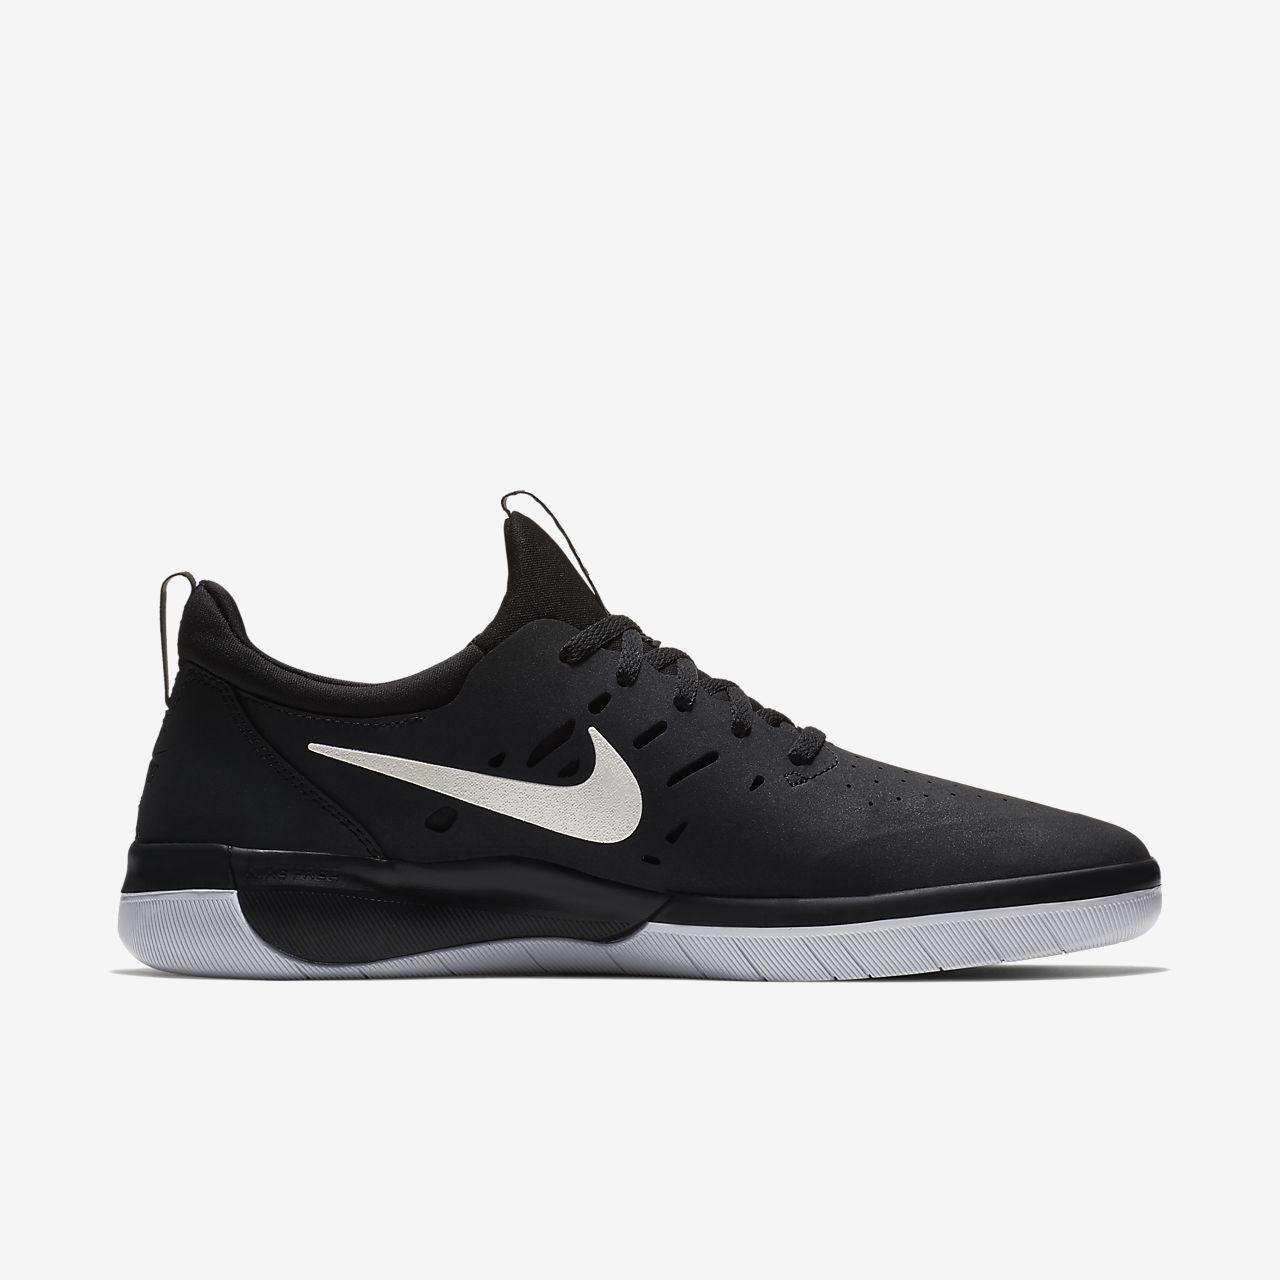 Chaussures Nike Noir Pour Les Hommes 7C4Ys